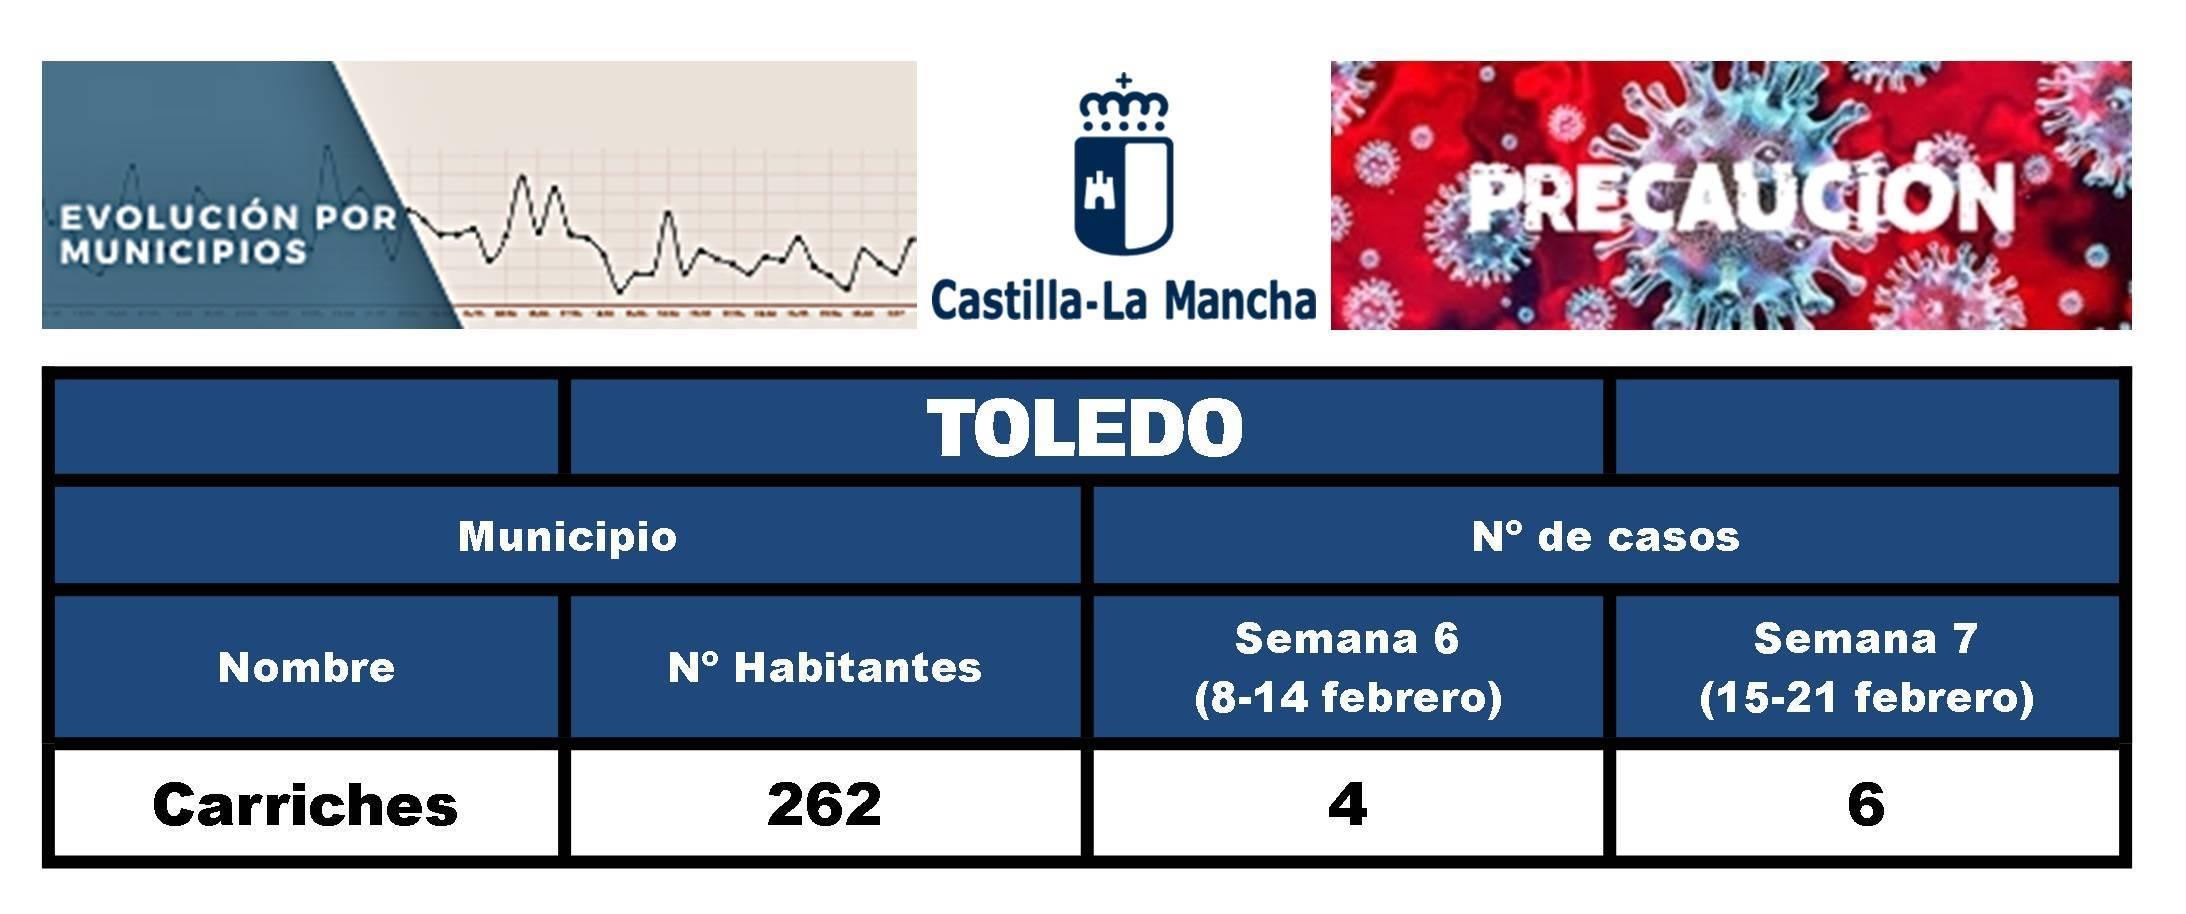 10 casos positivos de COVID-19 (febrero 2021) - Carriches (Toledo)